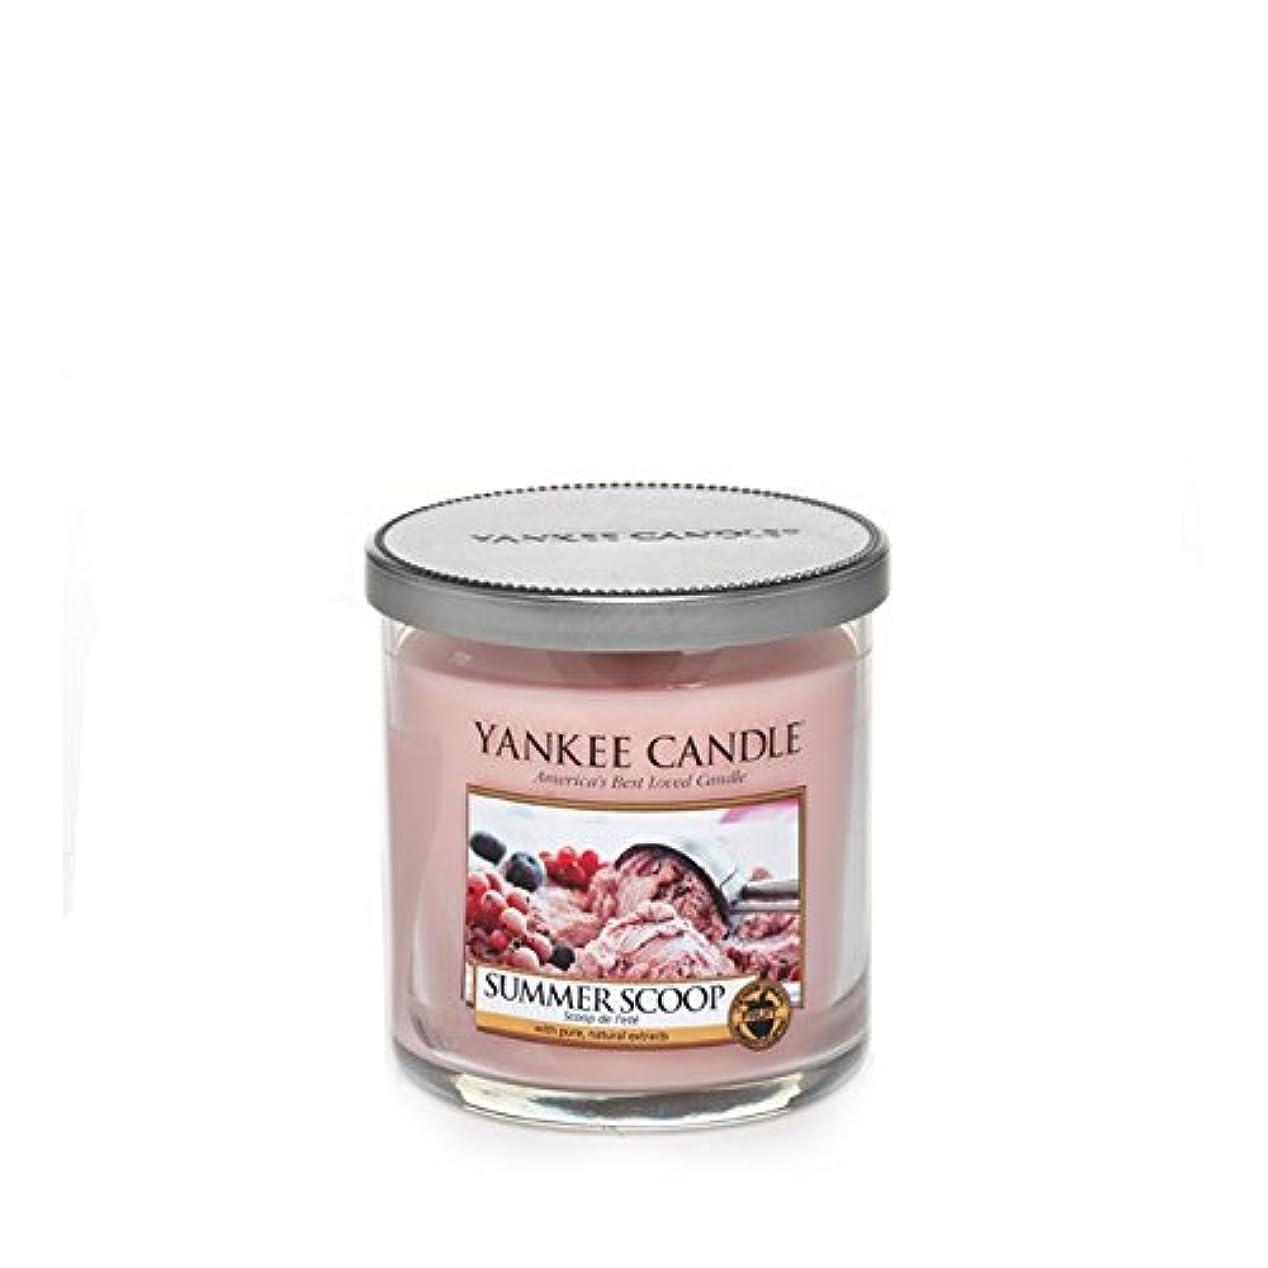 メガロポリスパートナーブリークヤンキーキャンドルの小さな柱キャンドル - 夏のスクープ - Yankee Candles Small Pillar Candle - Summer Scoop (Yankee Candles) [並行輸入品]